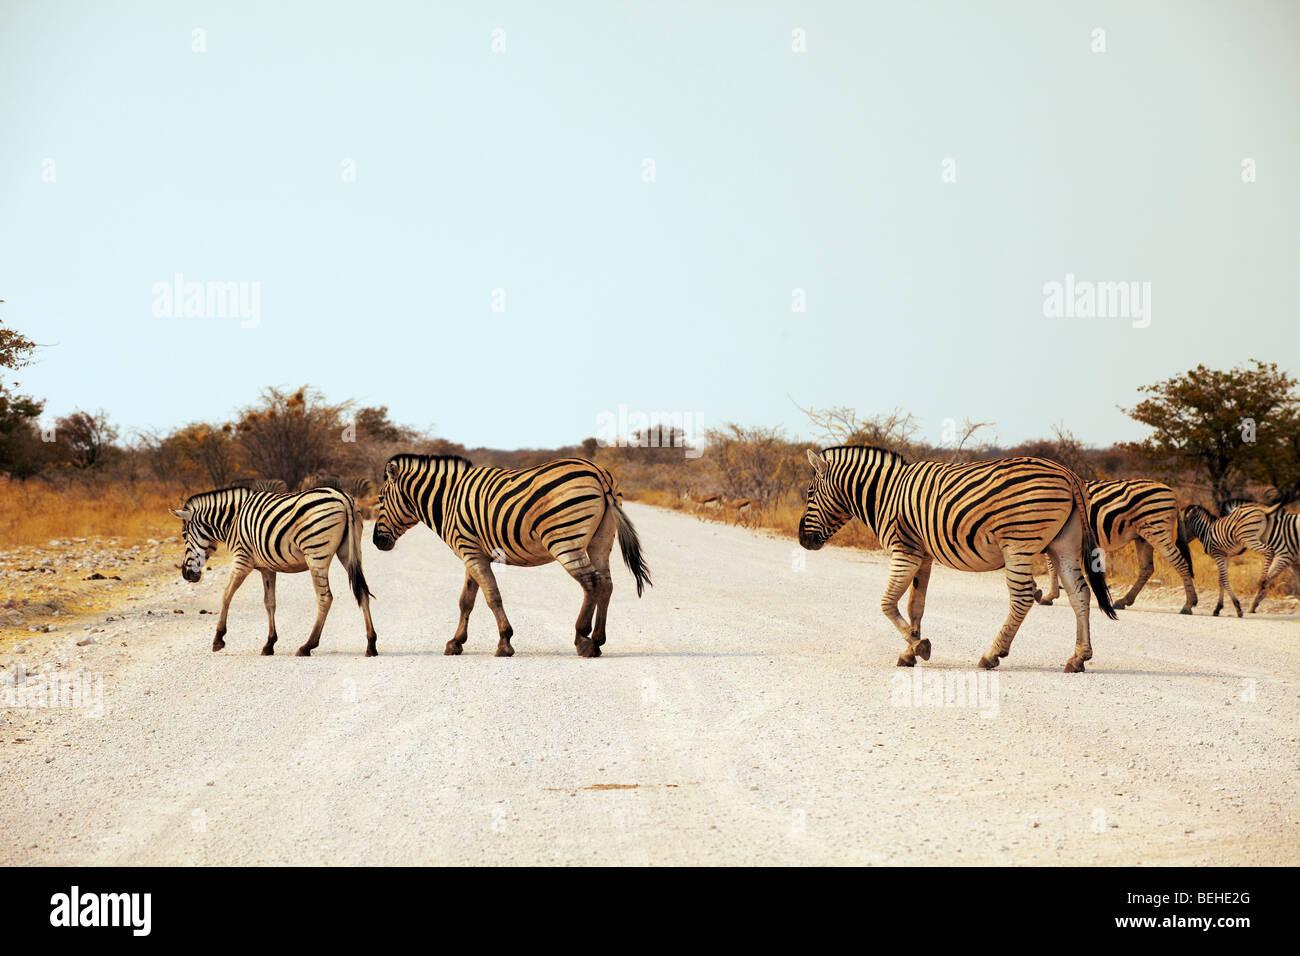 Zebras crossing road, Etosha National Park, - Stock Image